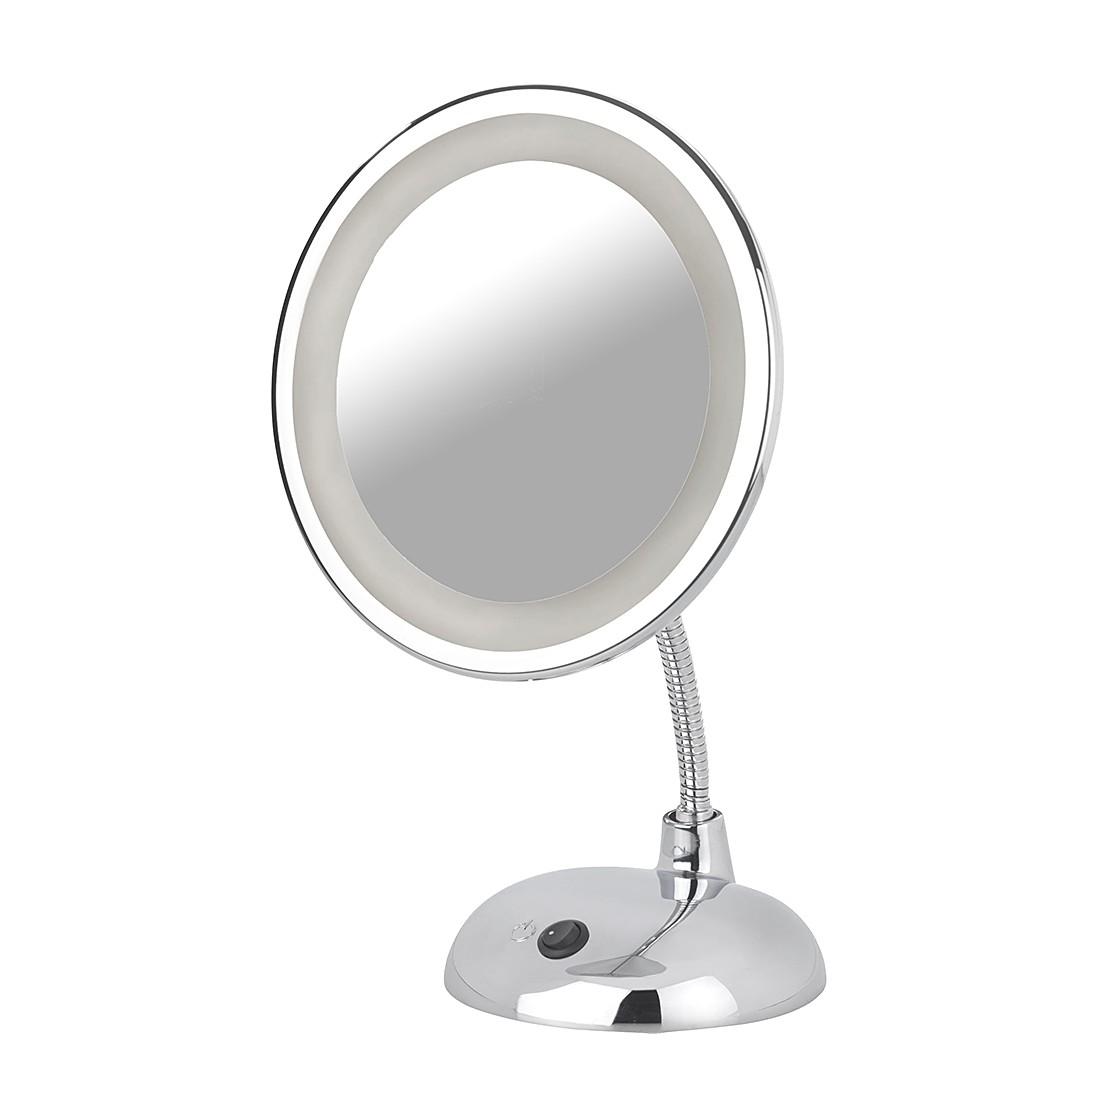 LED Kosmetikspiegel Style (3-fach Vergrößerung) - Chrom, Wenko